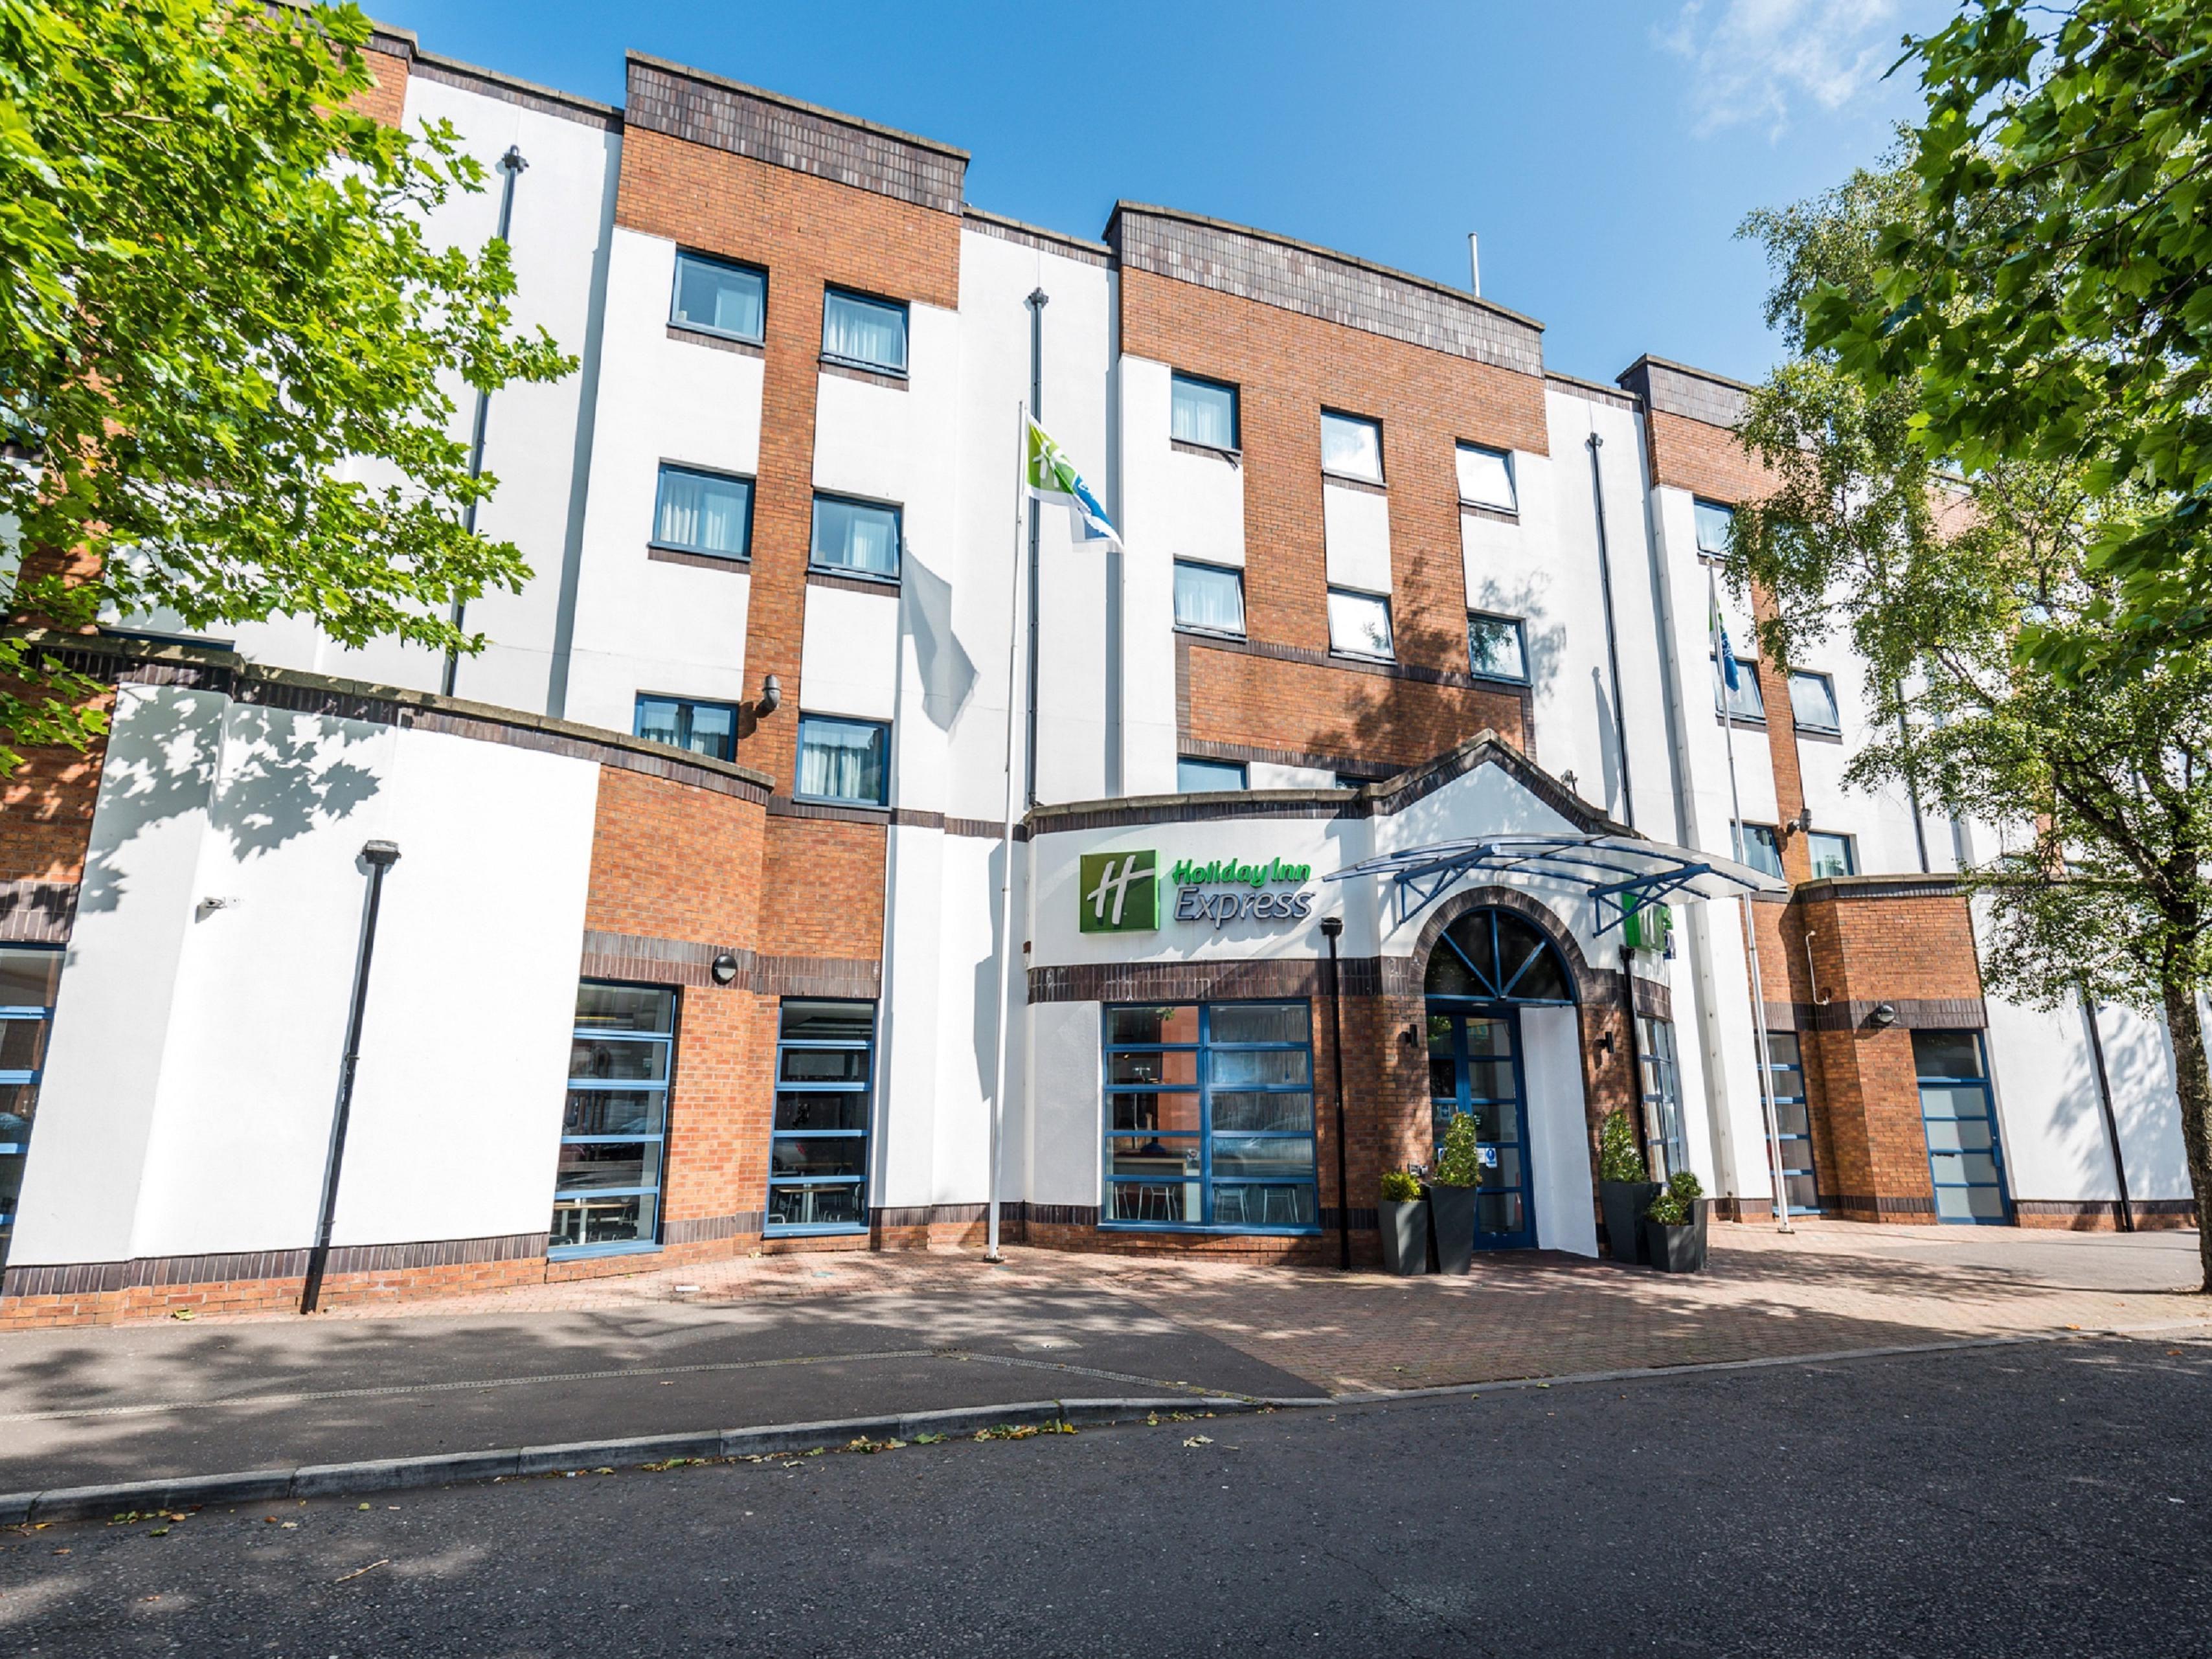 Holiday Inn Express Hotel Belfast City Queens Quarter